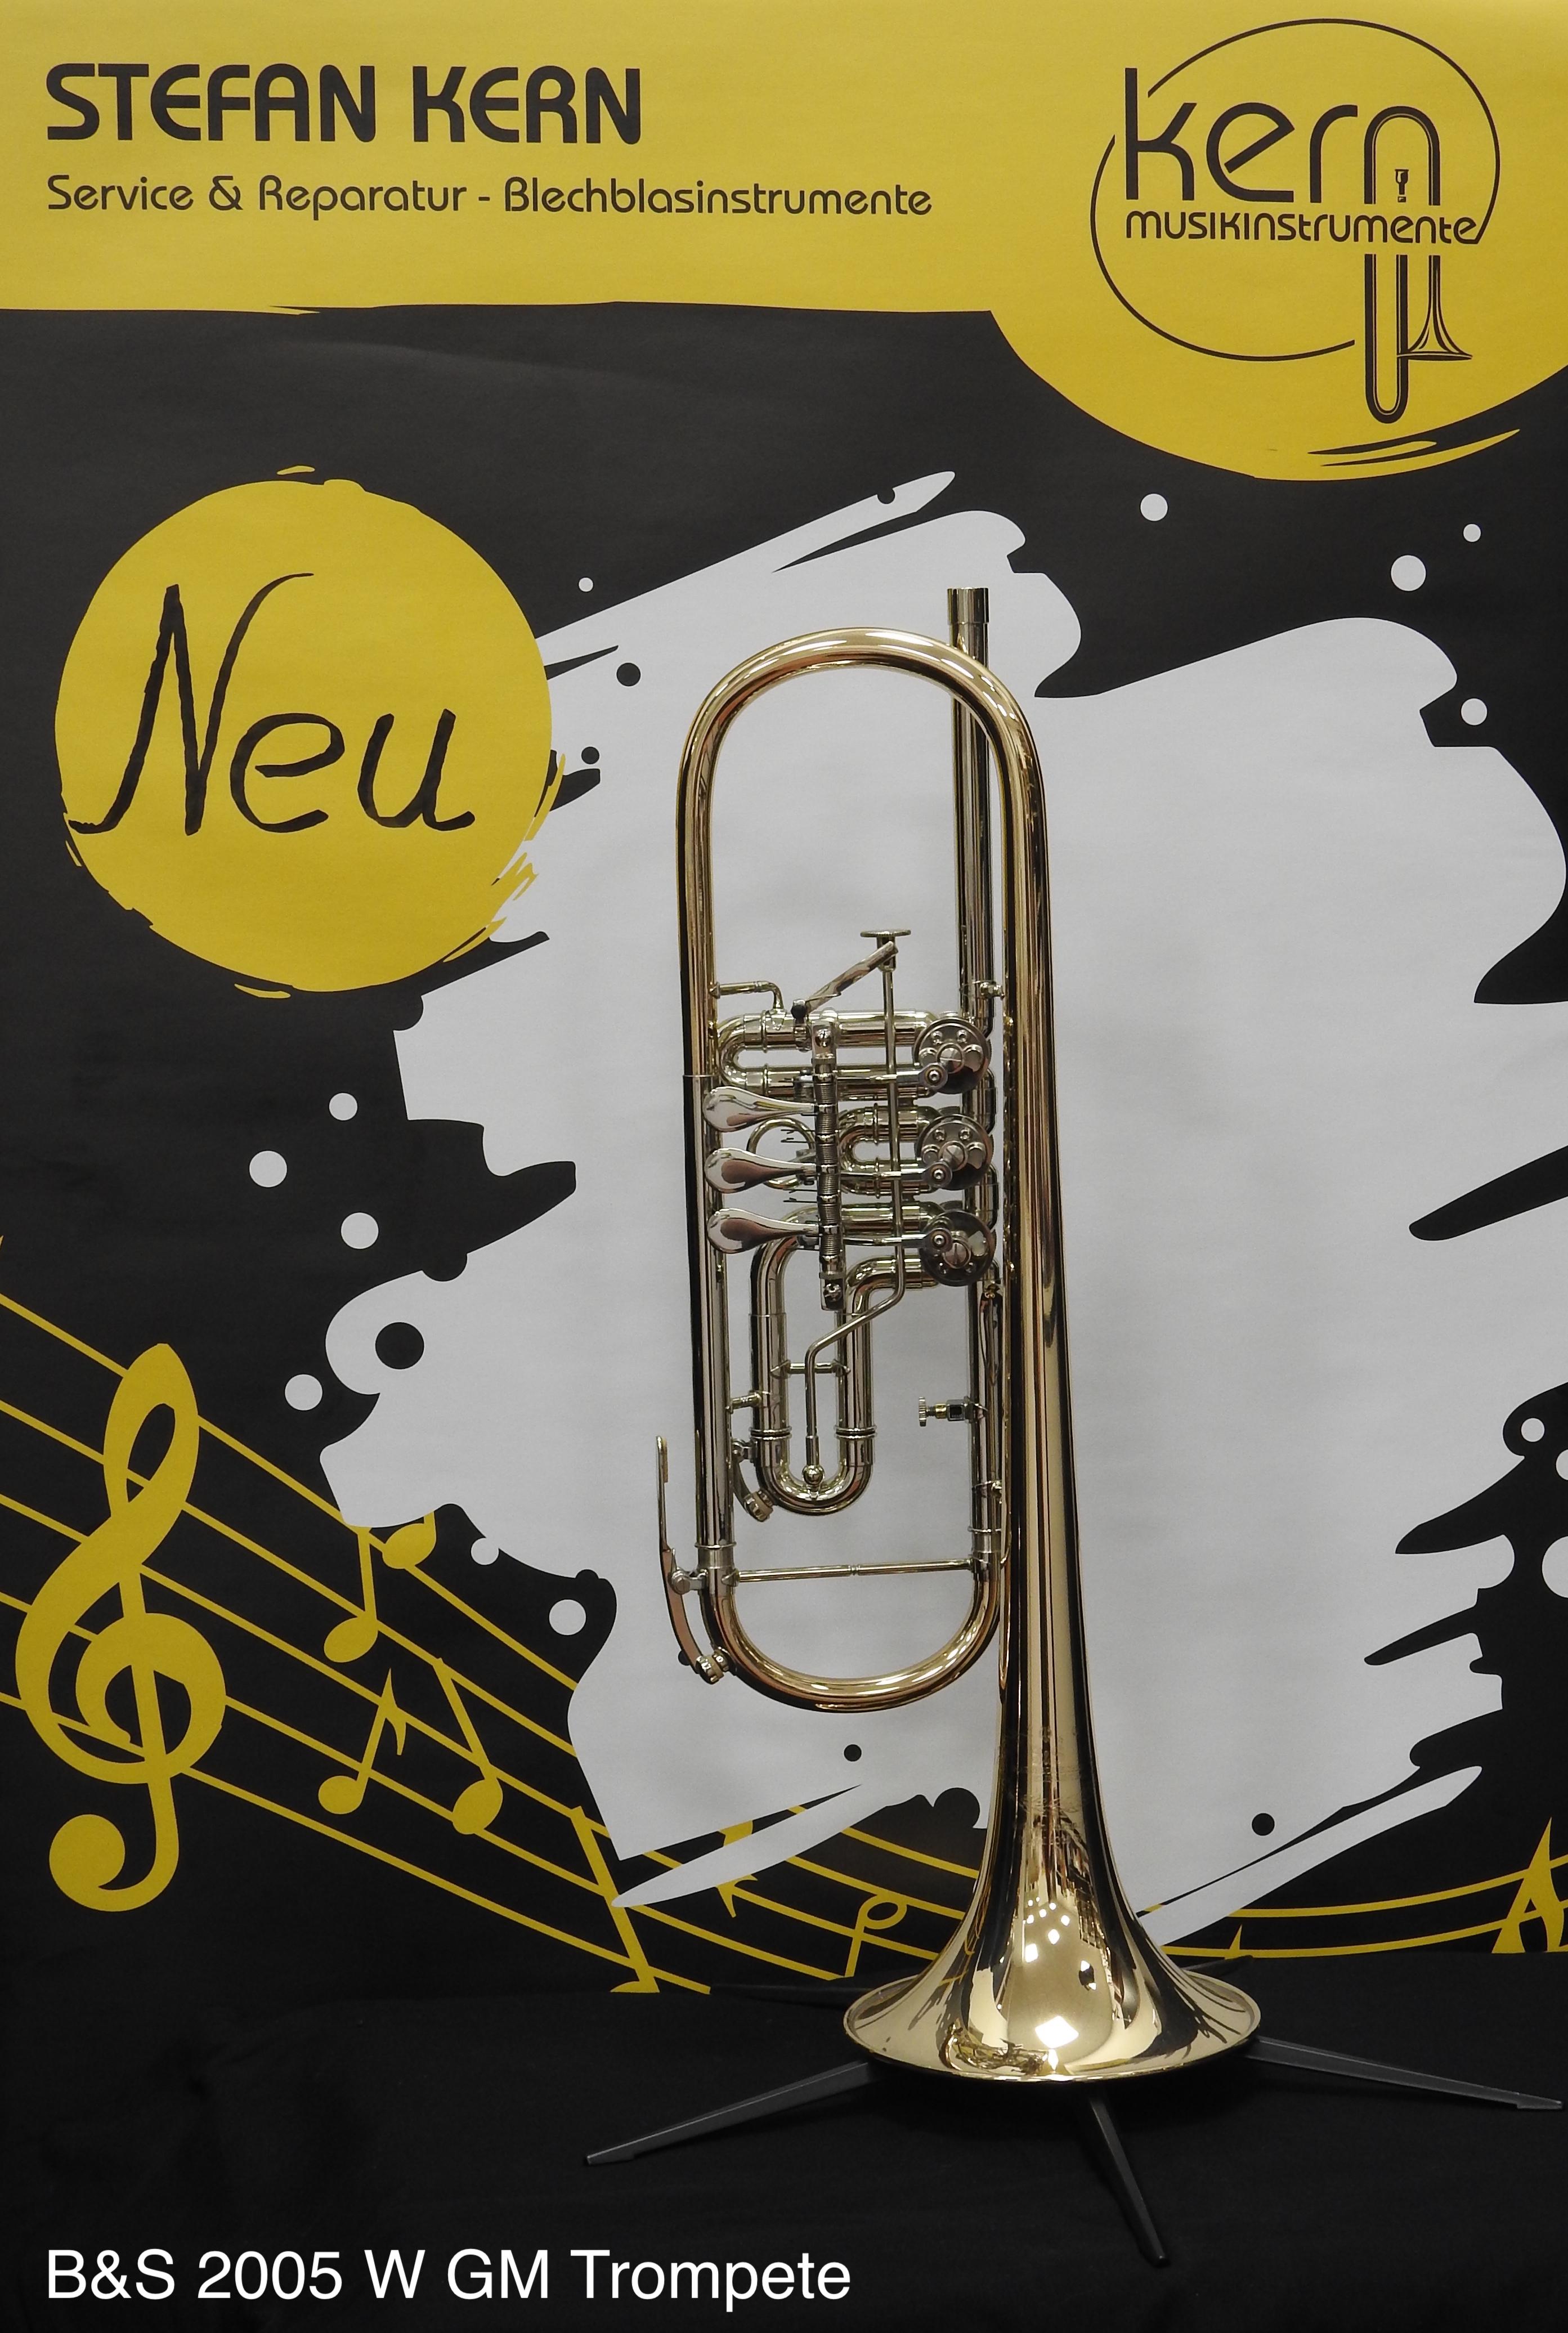 B&S_3005_W_GM_Trompete